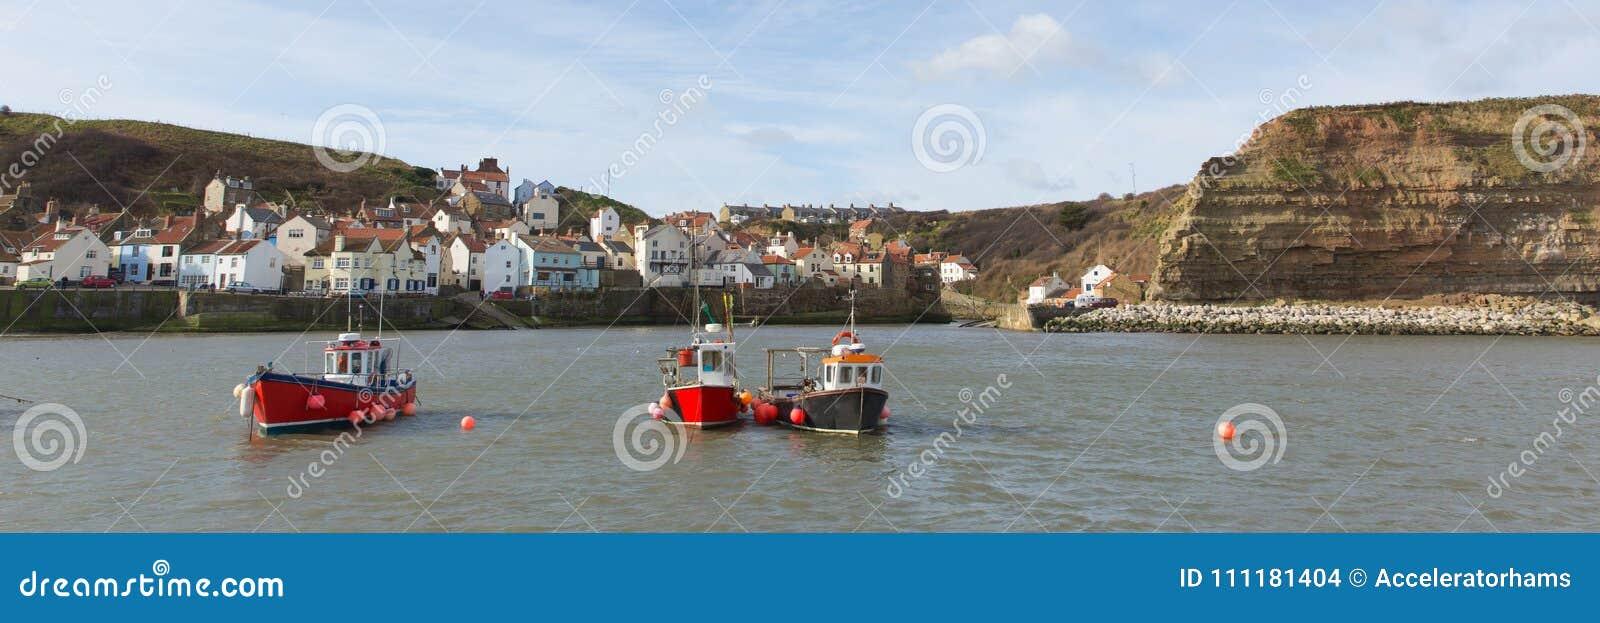 Villaggio di spiaggia di Staithes Yorkshire Inghilterra e vista panoramica della destinazione del turista